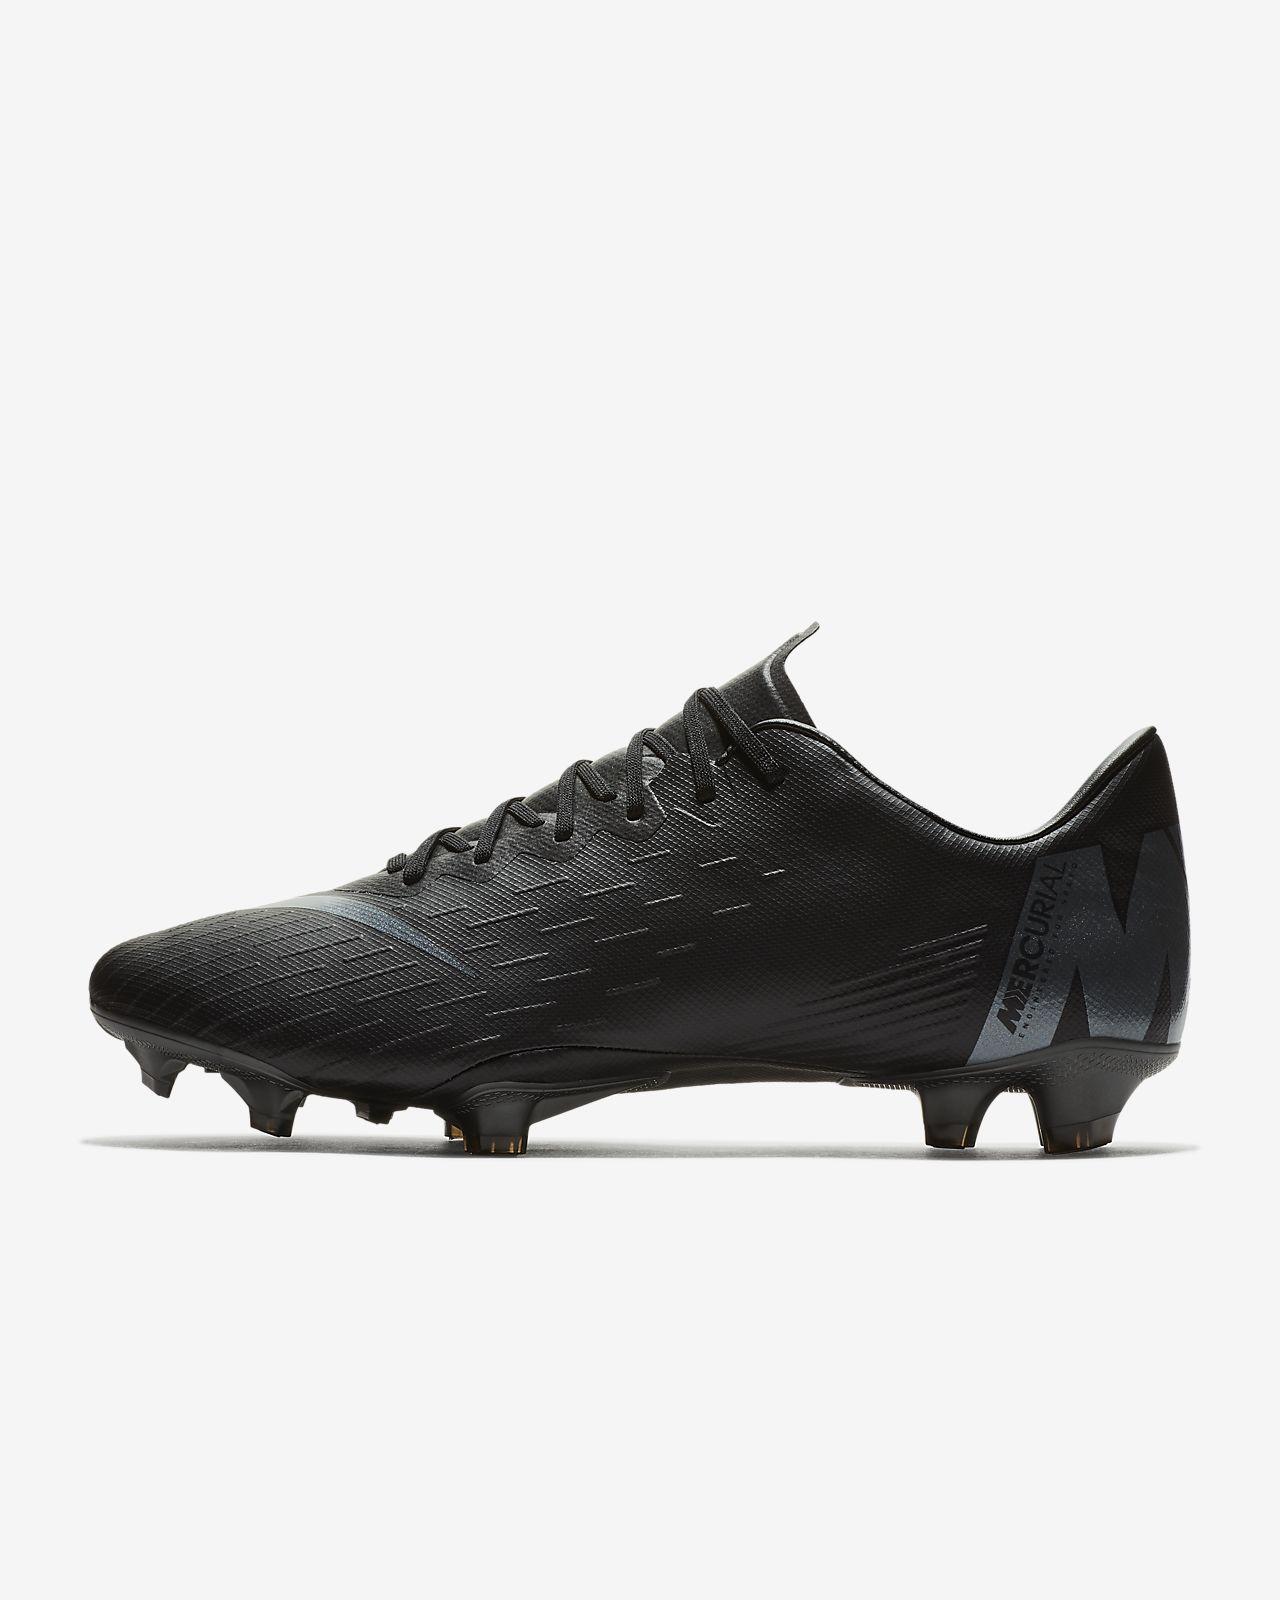 online store 1c5d3 adba5 ... usa nike mercurial vapor xii pro fodboldstøvle fast underlag de1f0 f278b